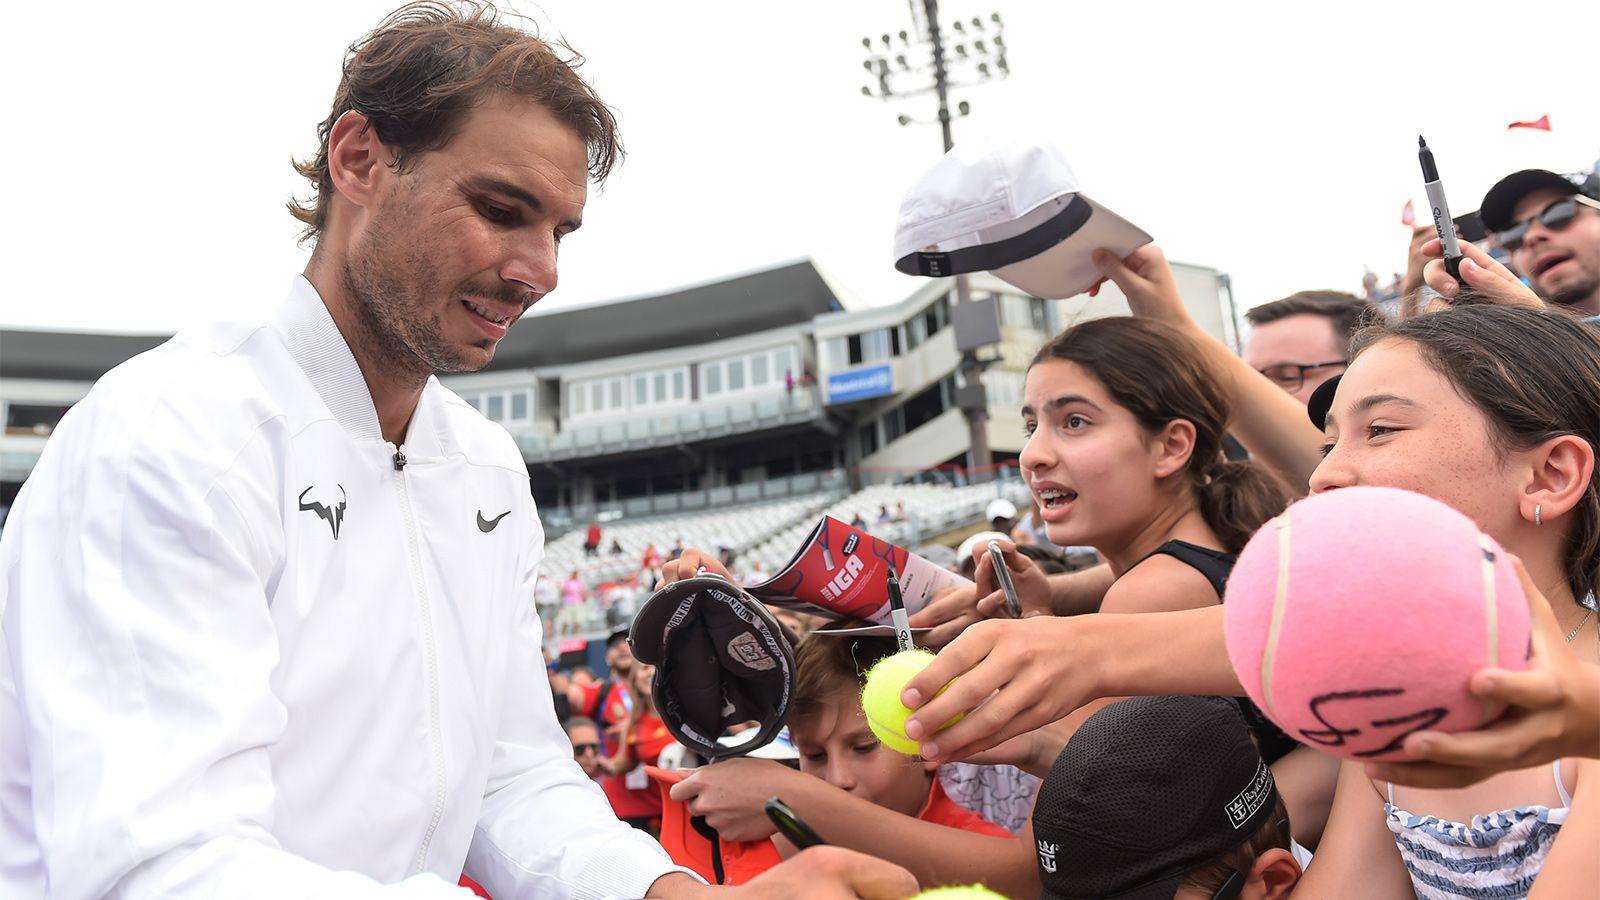 Суббота 10:29Надаль вовремя автограф-сессии достал изтолпы плачущего мальчика иобнял его Getty Images